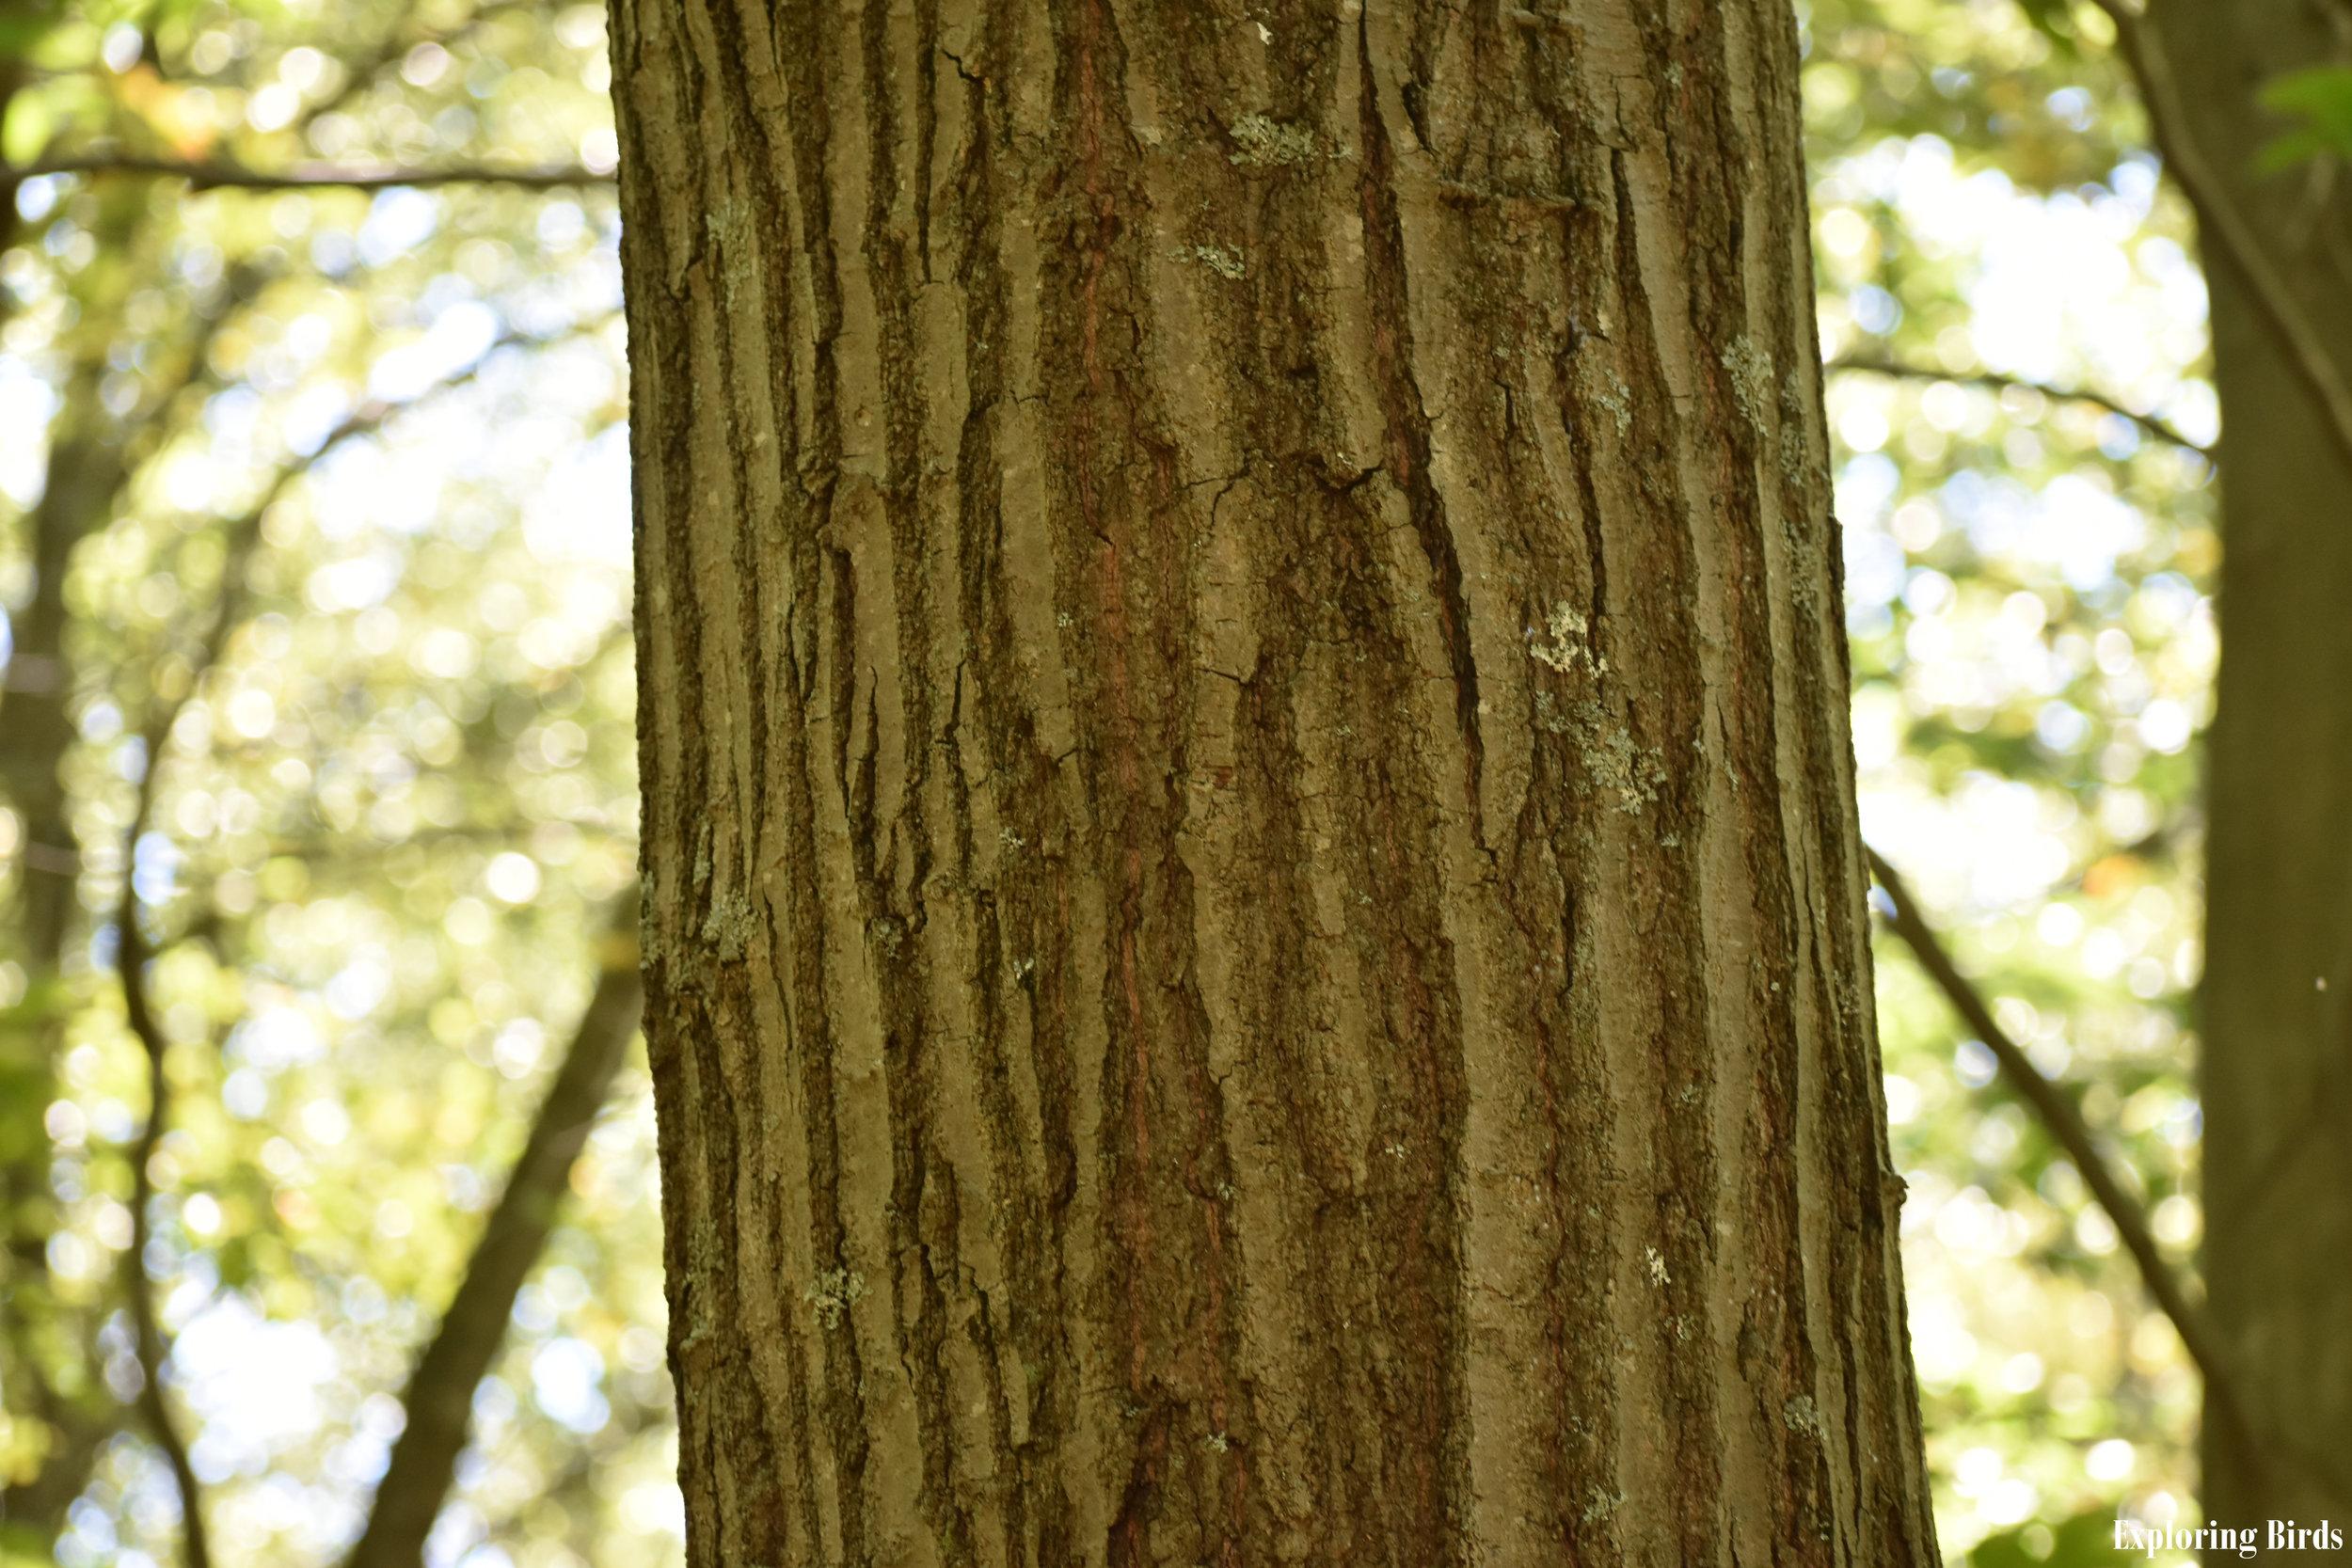 Red Oak Bark Identification